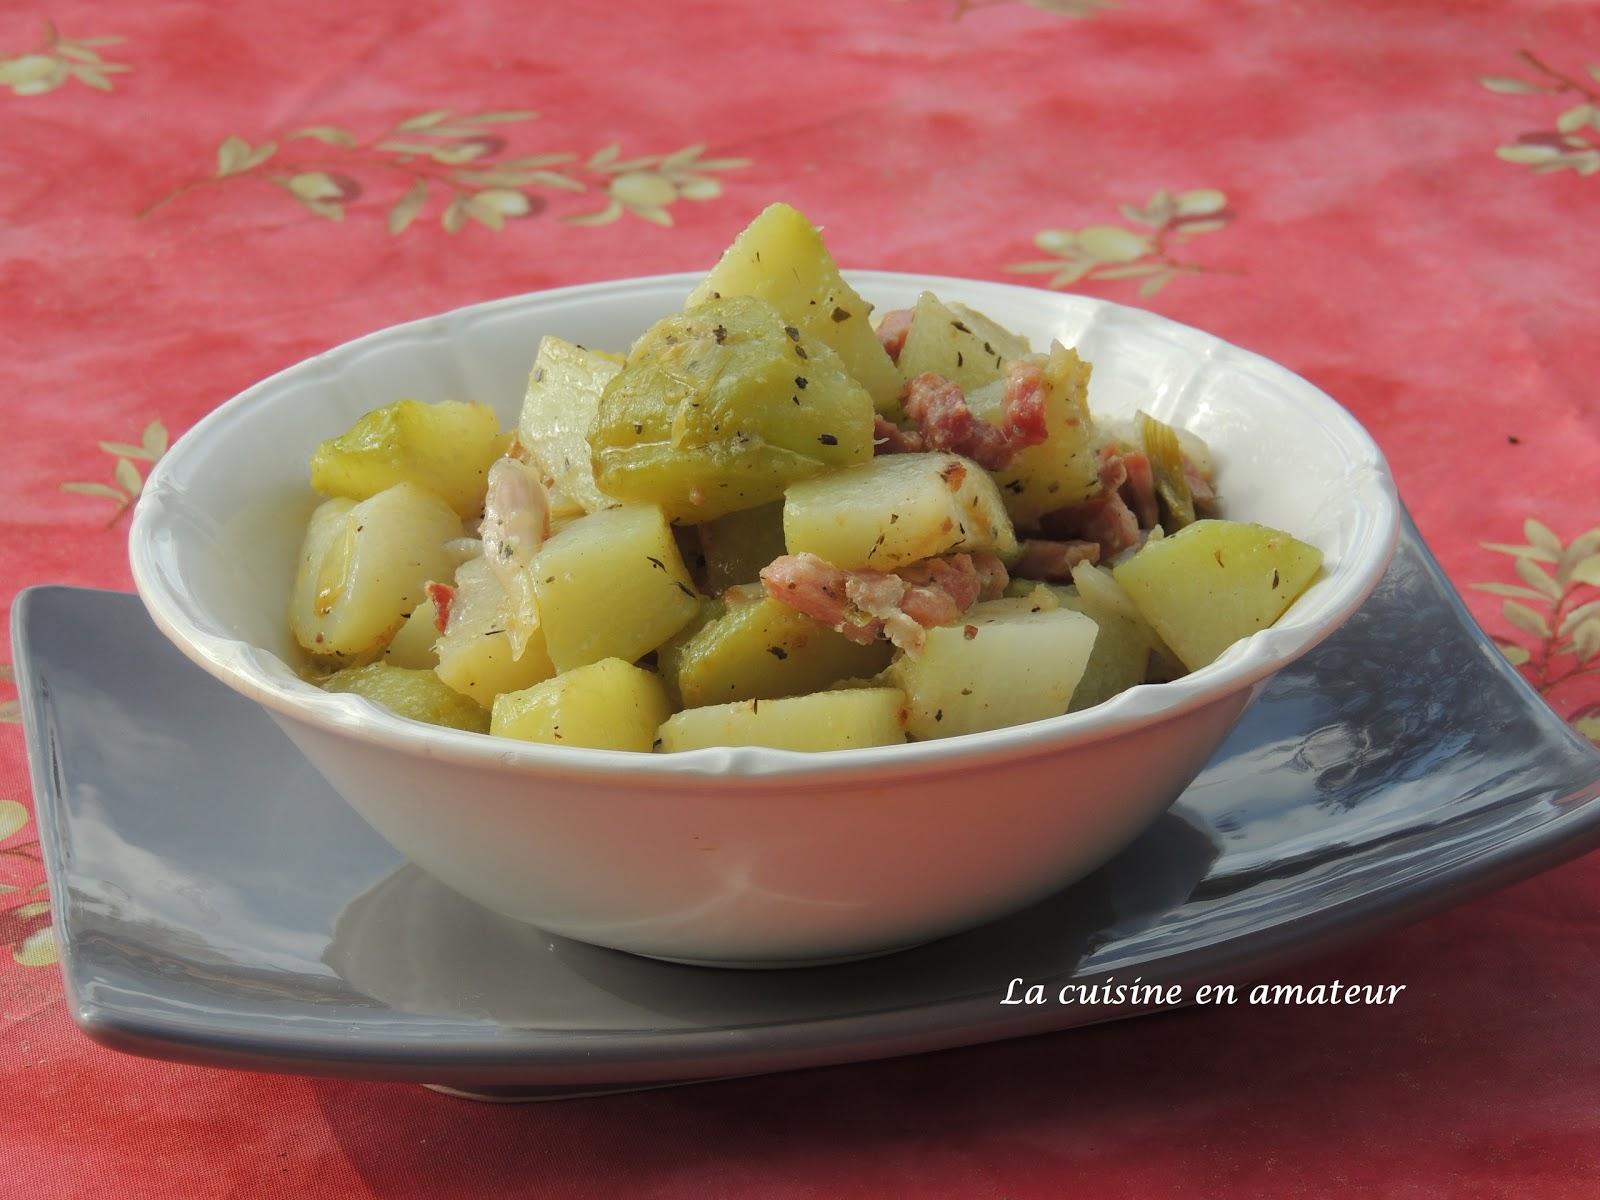 La cuisine en amateur de maryline - Cuisiner les chayottes ...